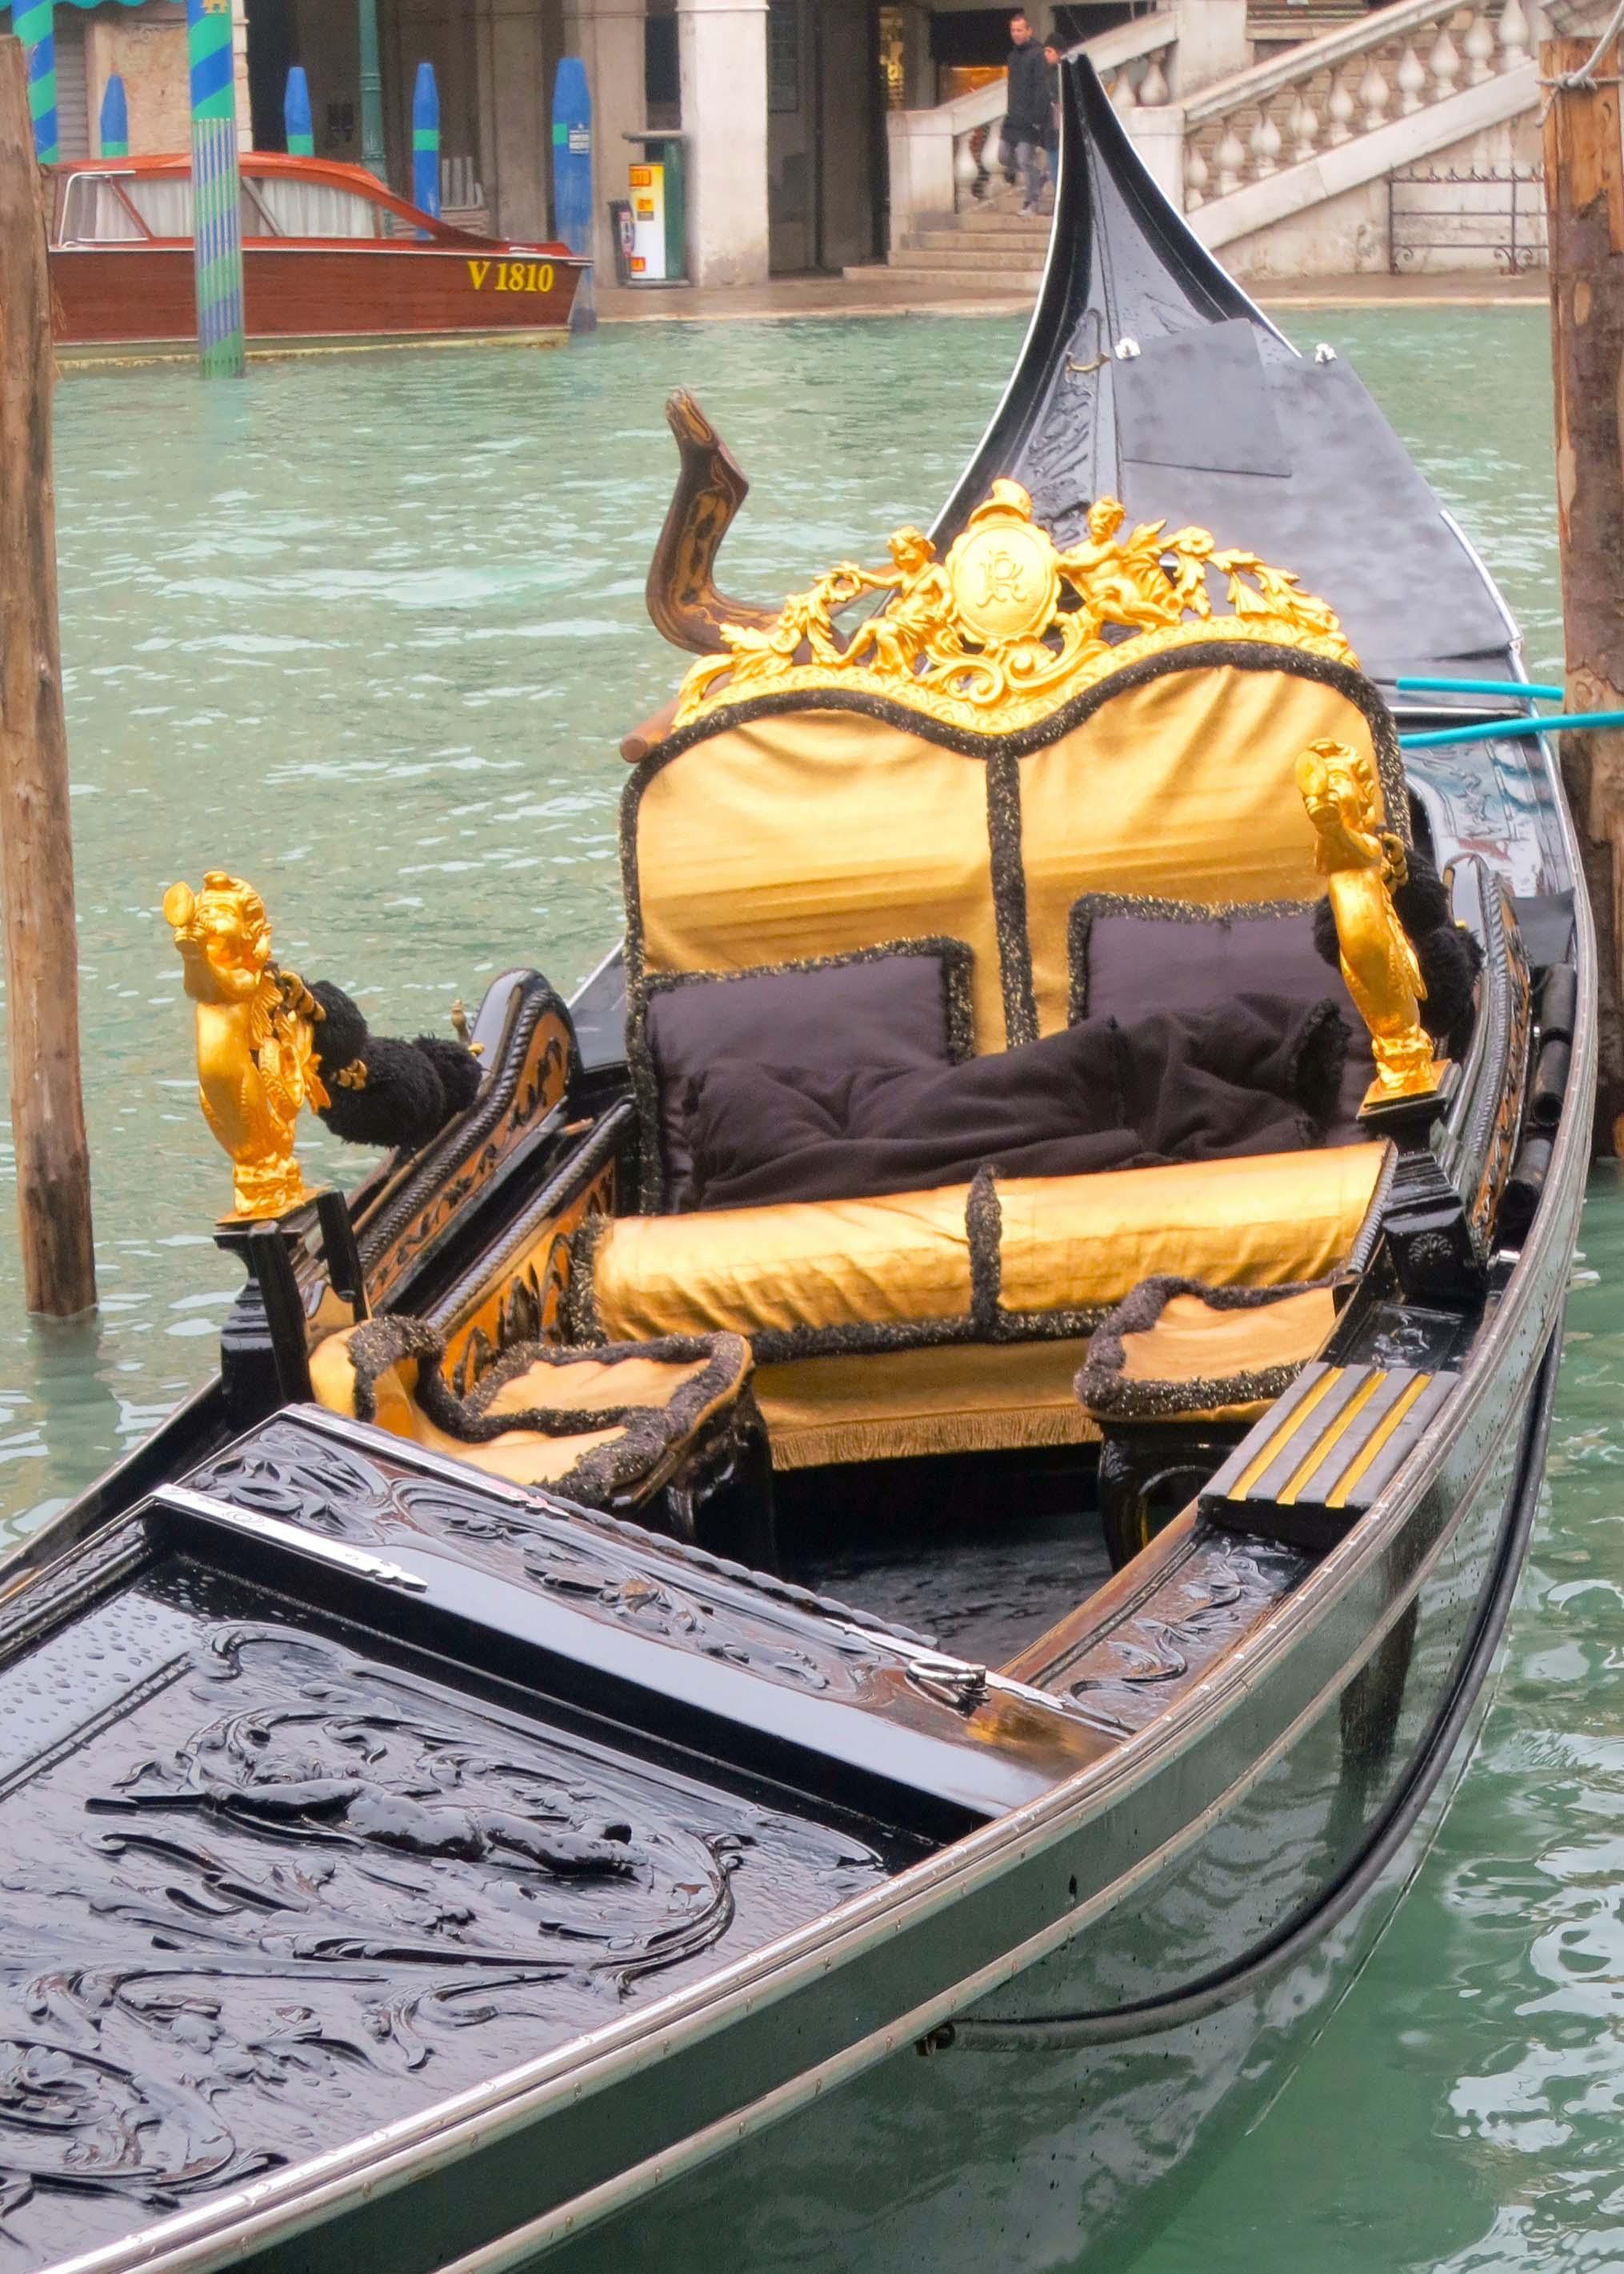 Luxury accommodations gondola style.